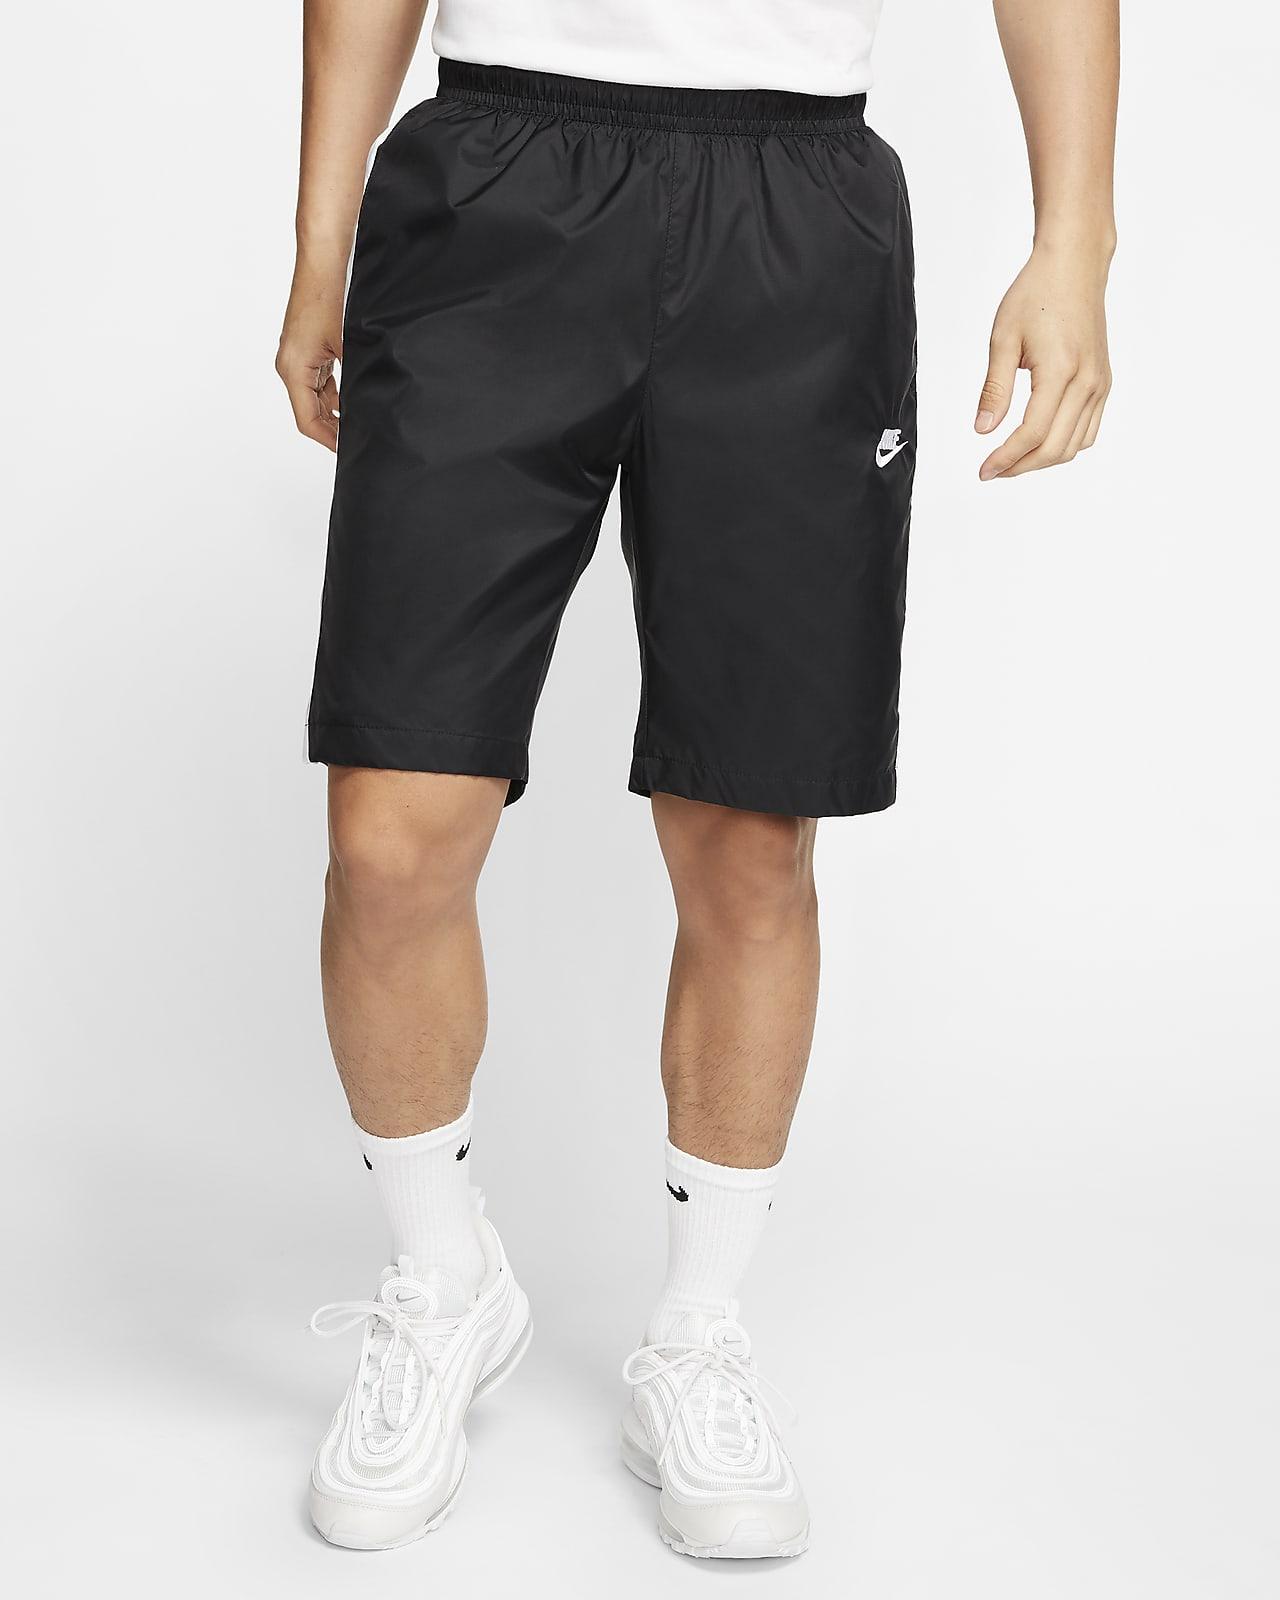 Nike Sportswear 男款梭織田徑短褲